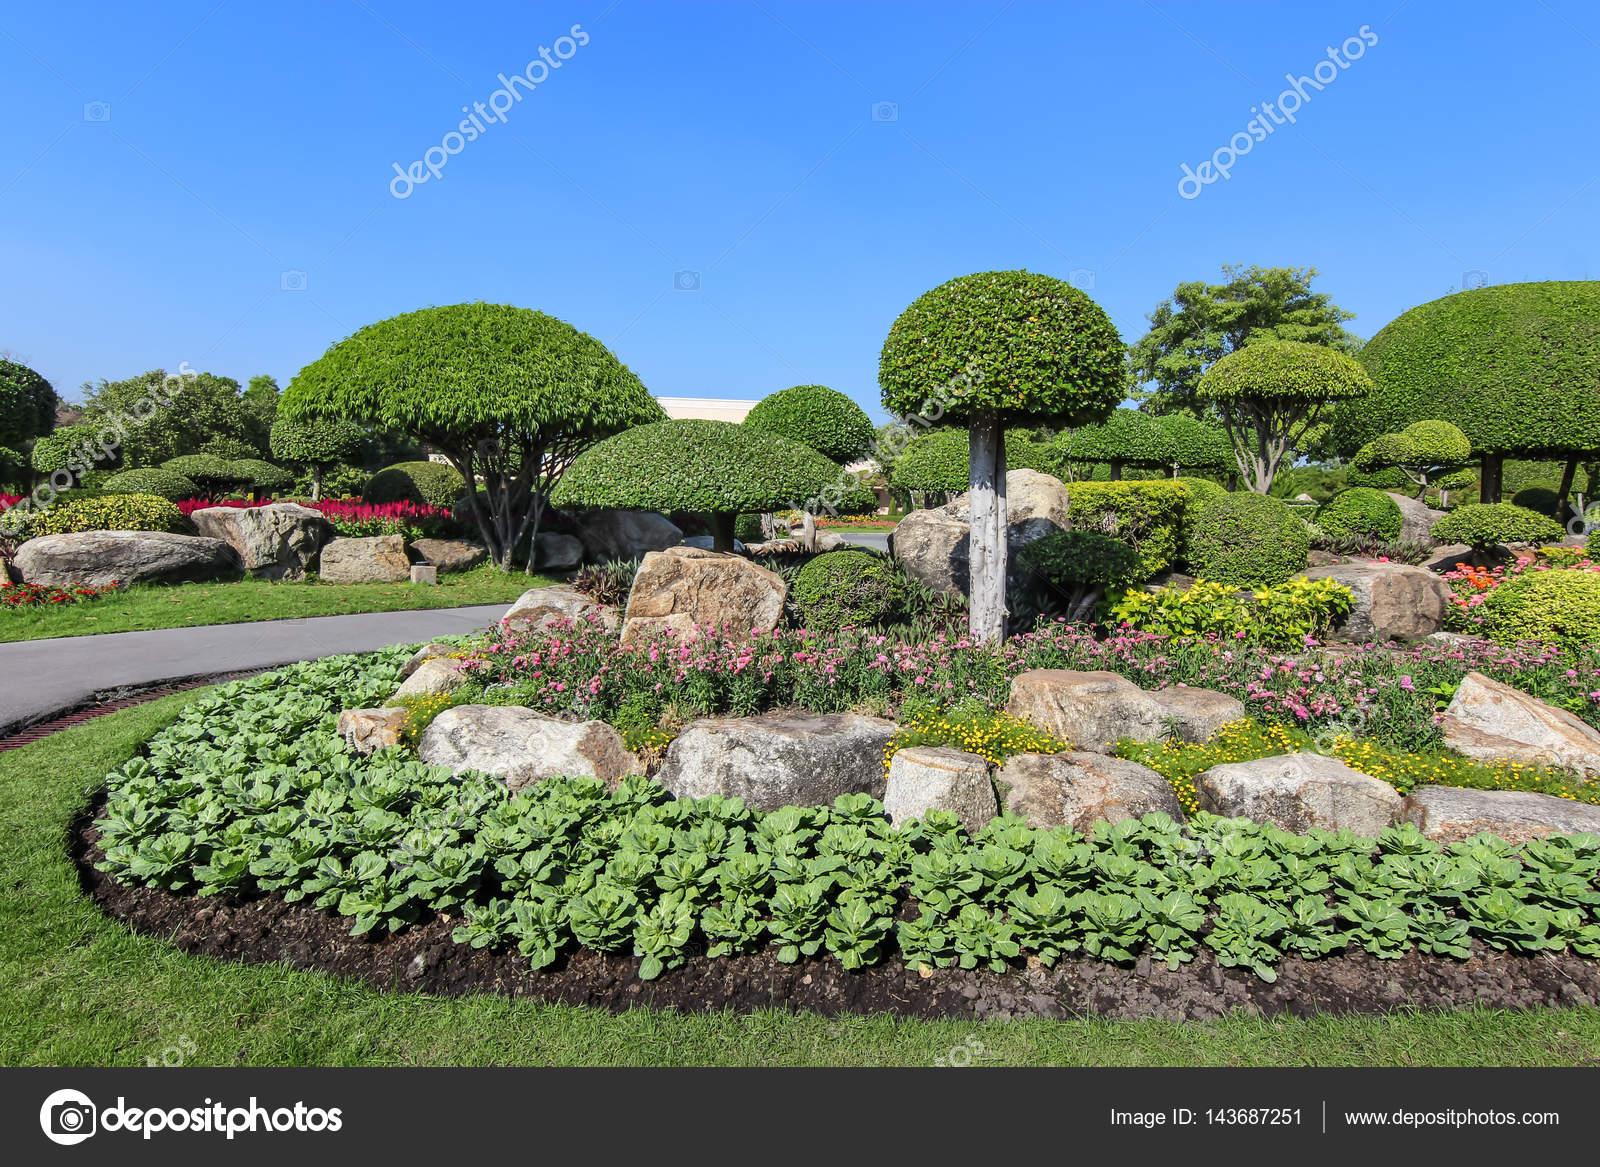 Schöne Zwerg-Baum im Garten — Stockfoto © maicyber #143687251